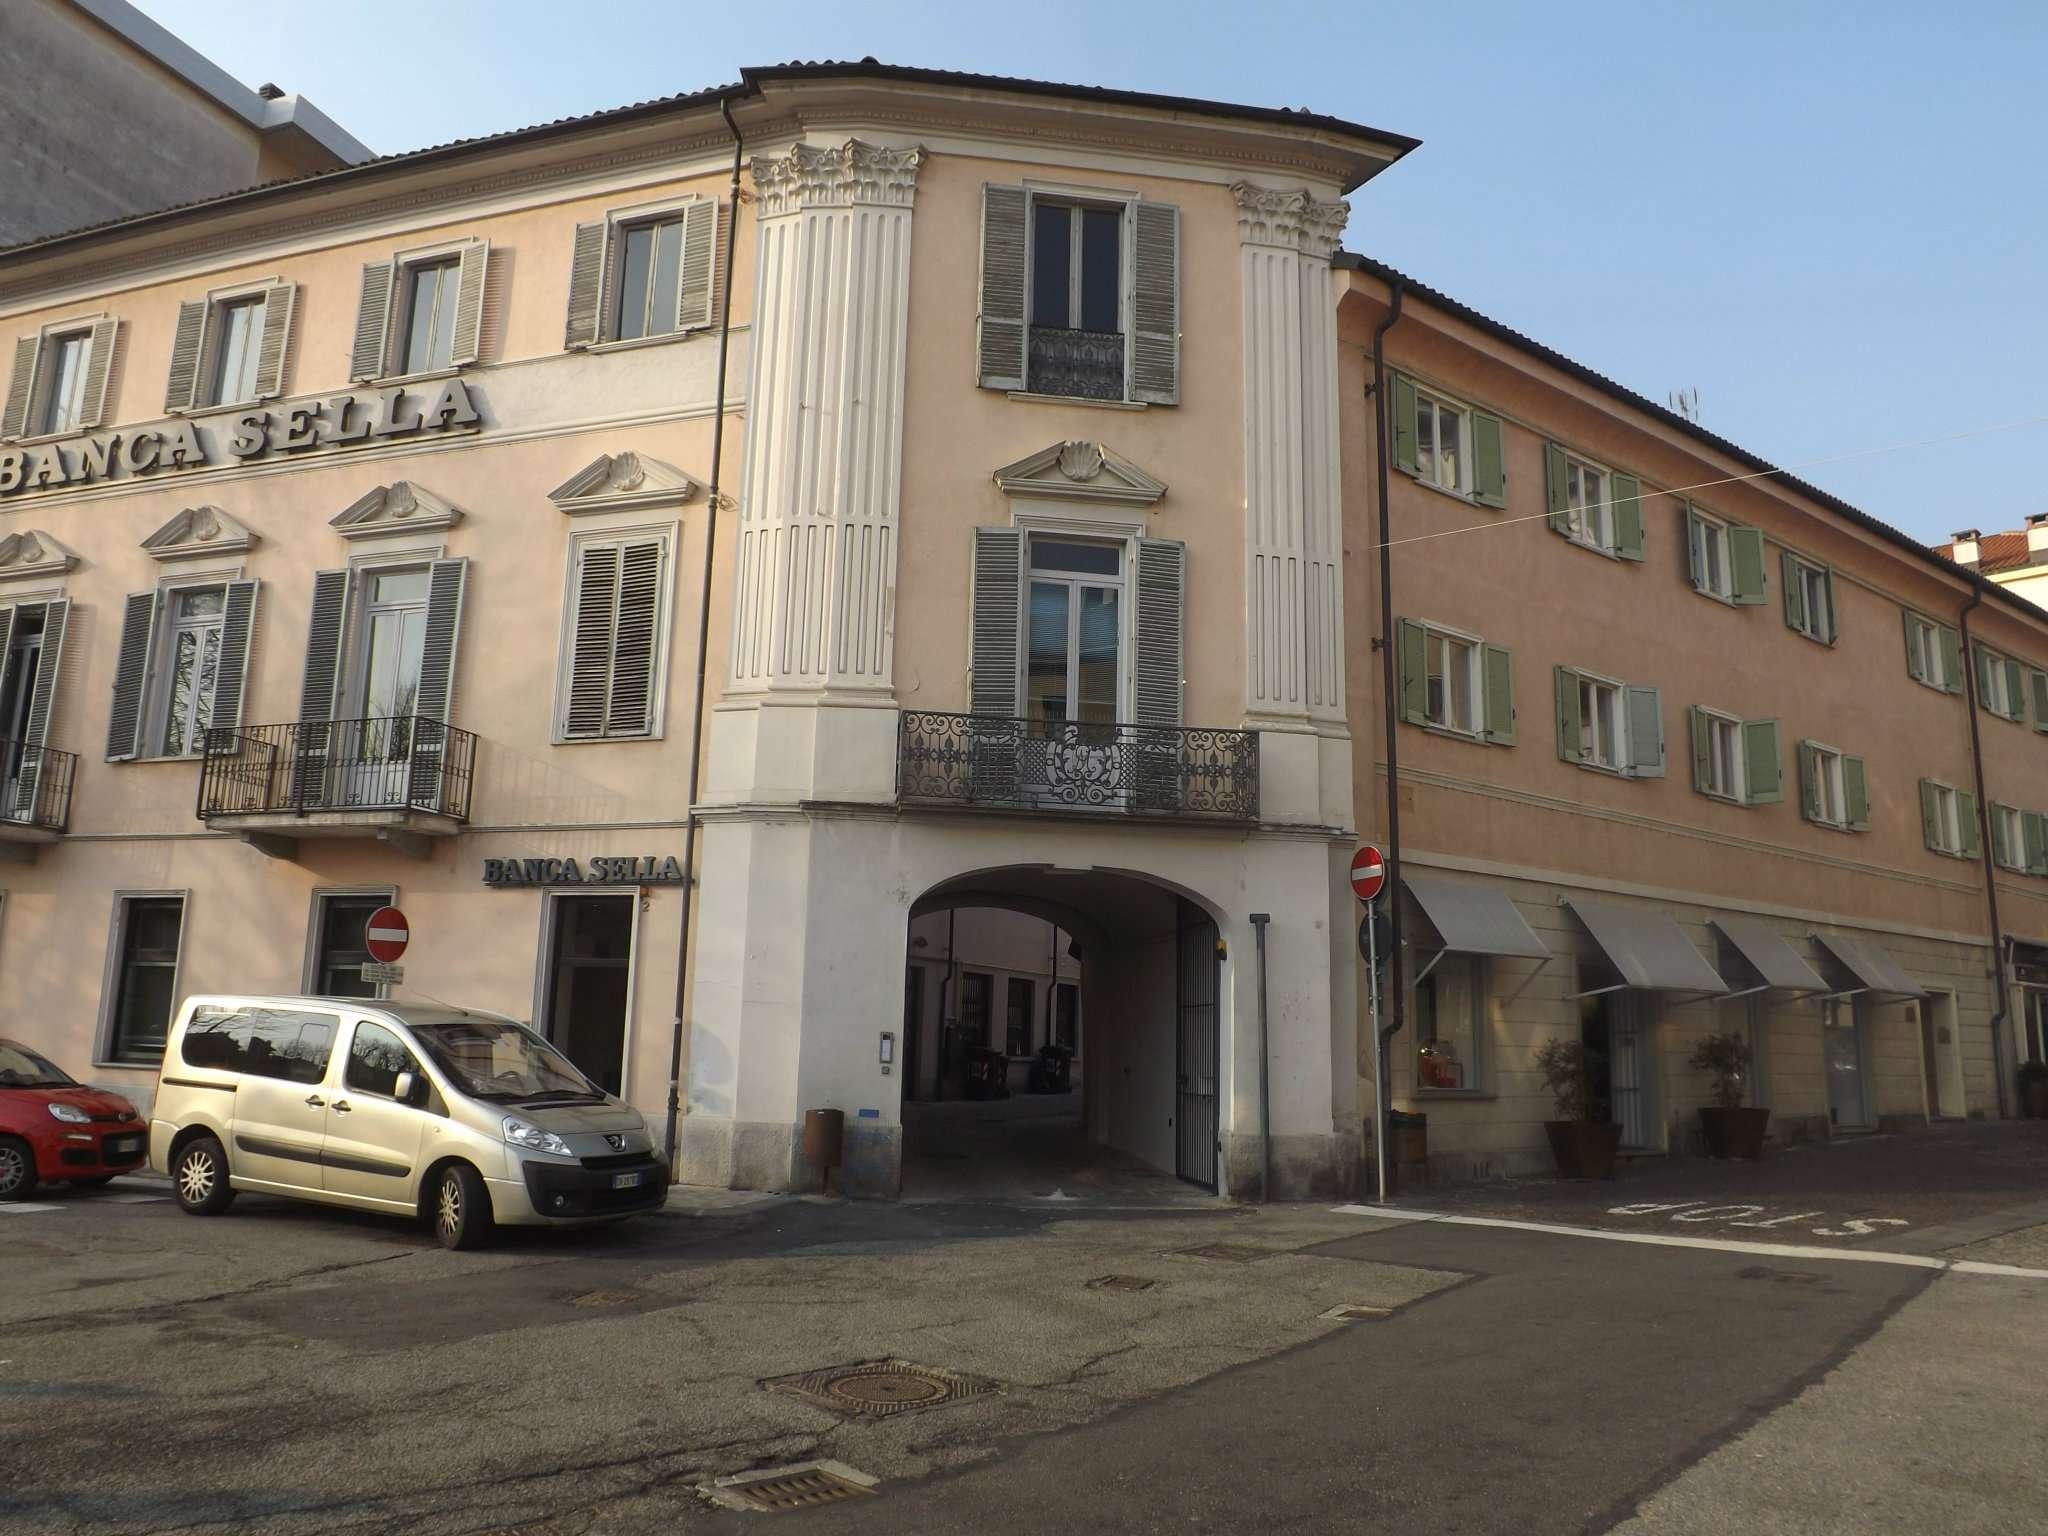 Ufficio / Studio in affitto a Rivoli, 2 locali, prezzo € 800 | PortaleAgenzieImmobiliari.it